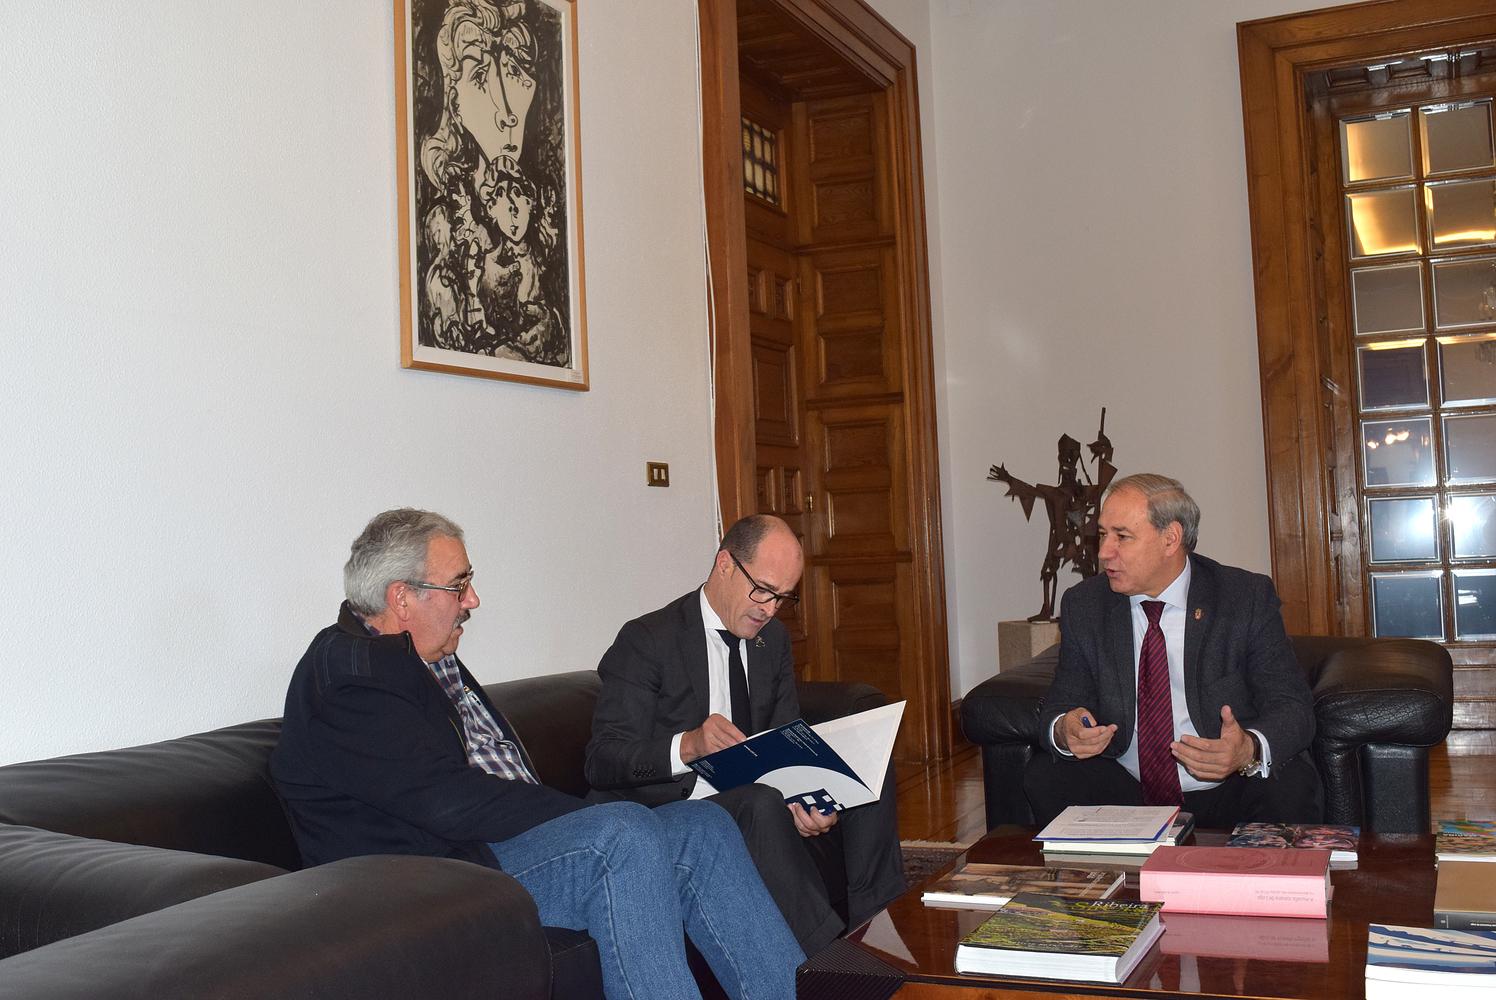 Tomé co secretario xeral da Confederación de Empresarios de Lugo (CEL),  Jaime López, e o presidente da Federación de Asociacións de Veciños de Lugo, Jesús Vázquez